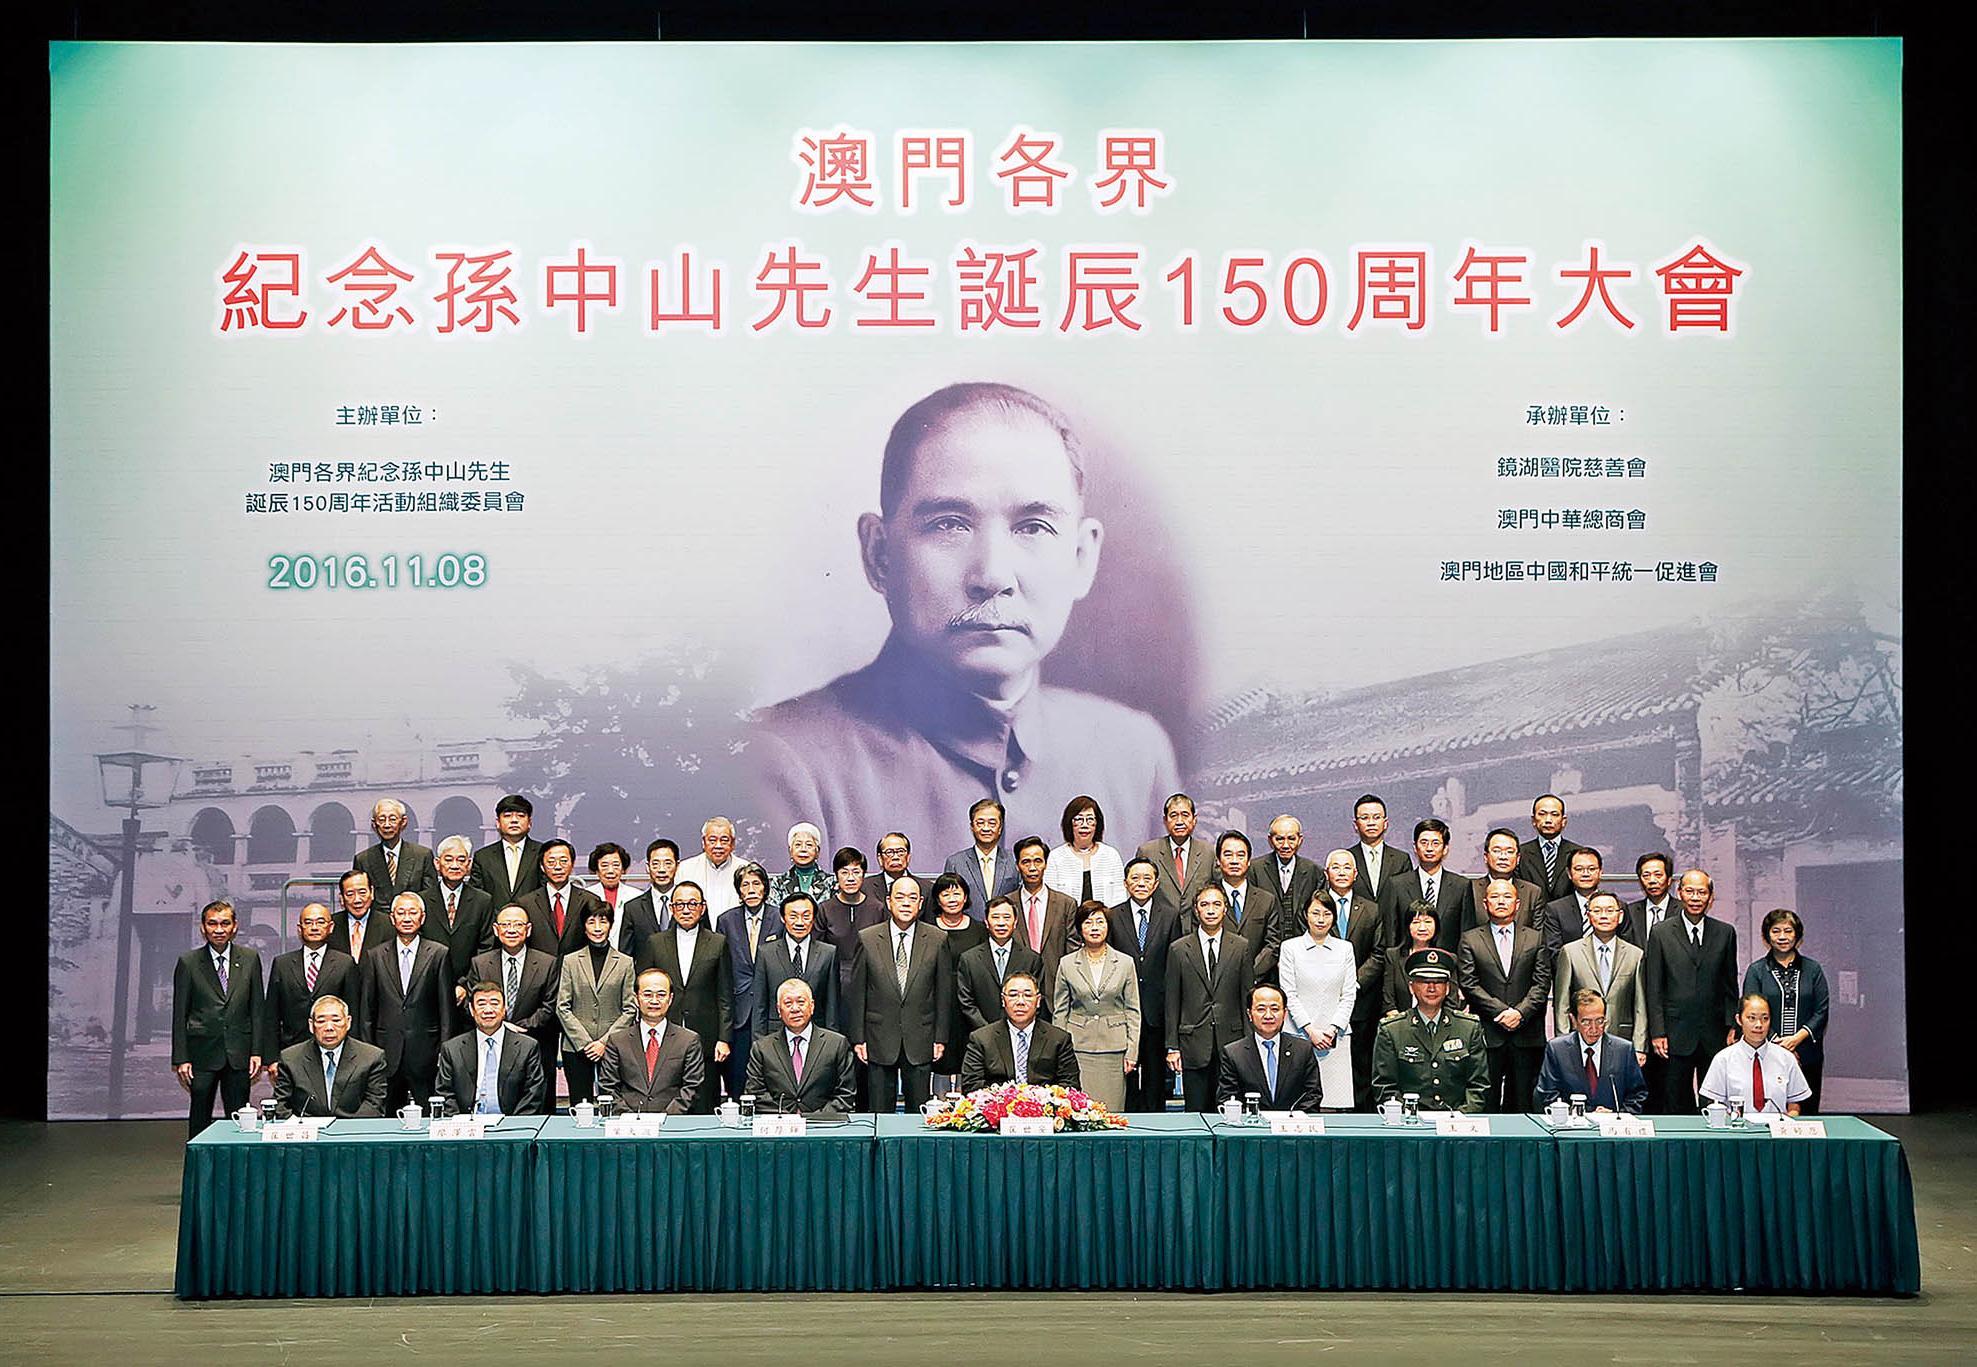 記孫中山先生誕辰150周年傳奇